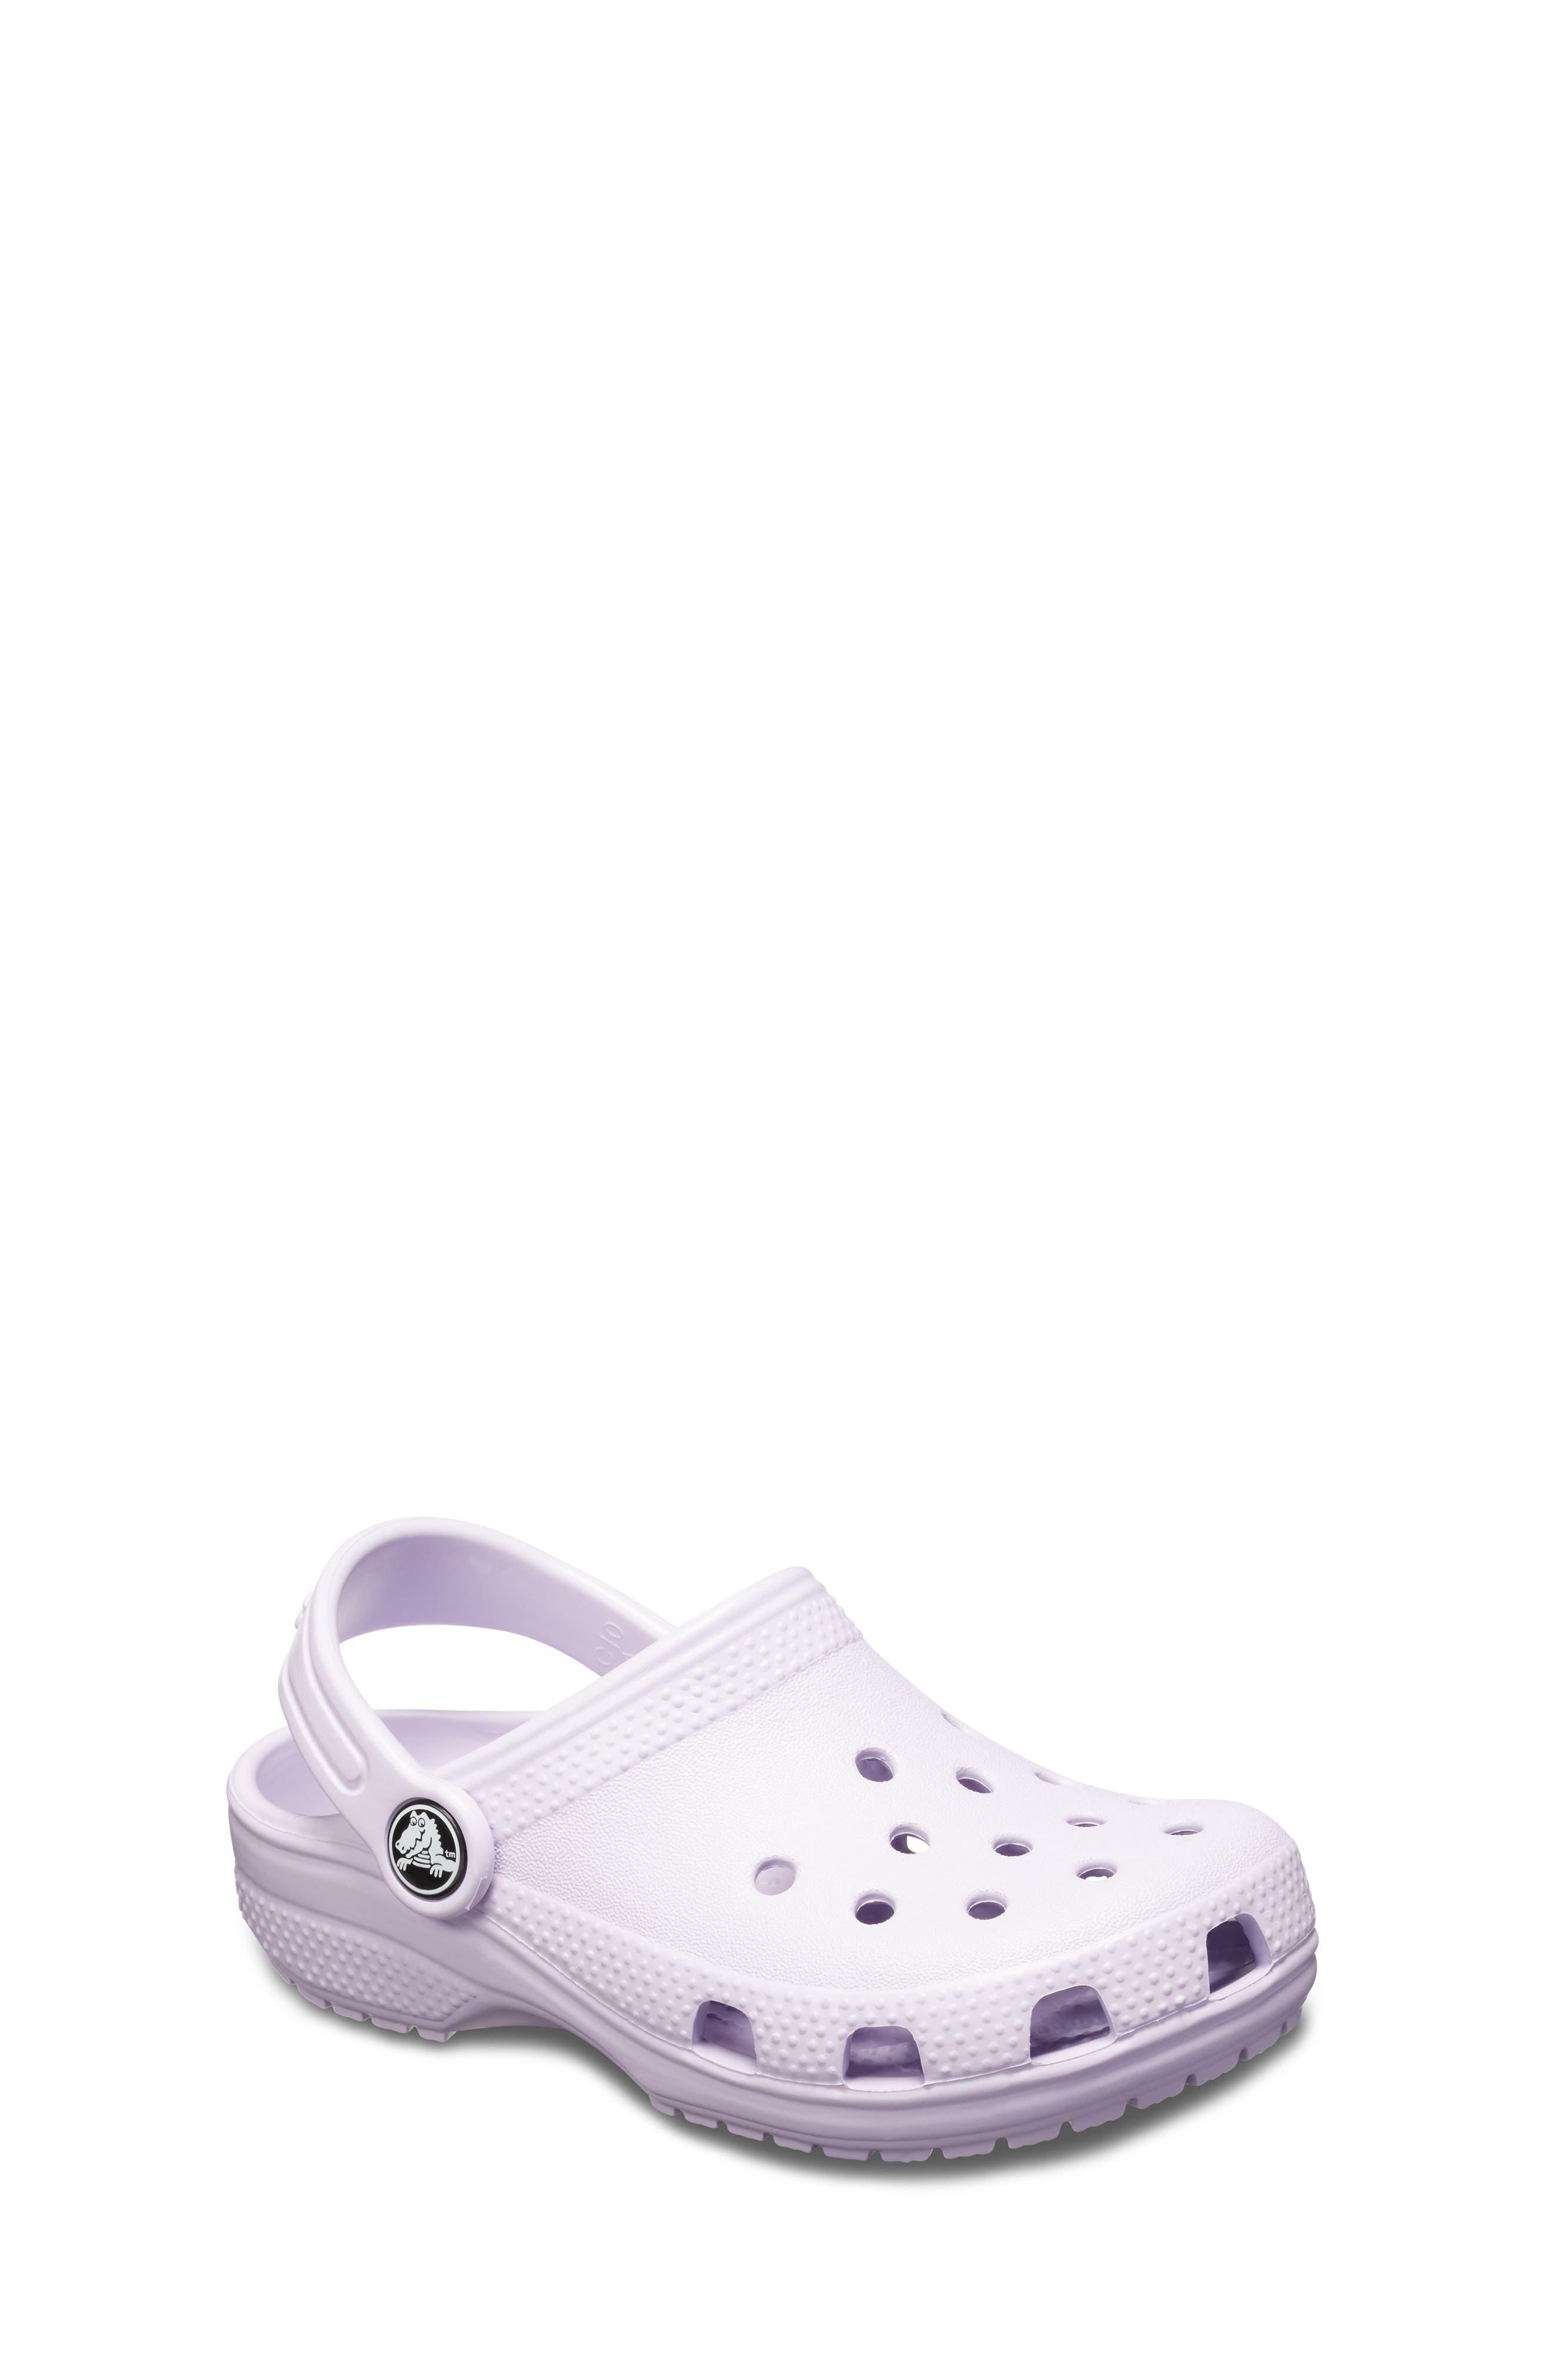 CROCS™ Big Kid Shoes (Sizes 3.5-7